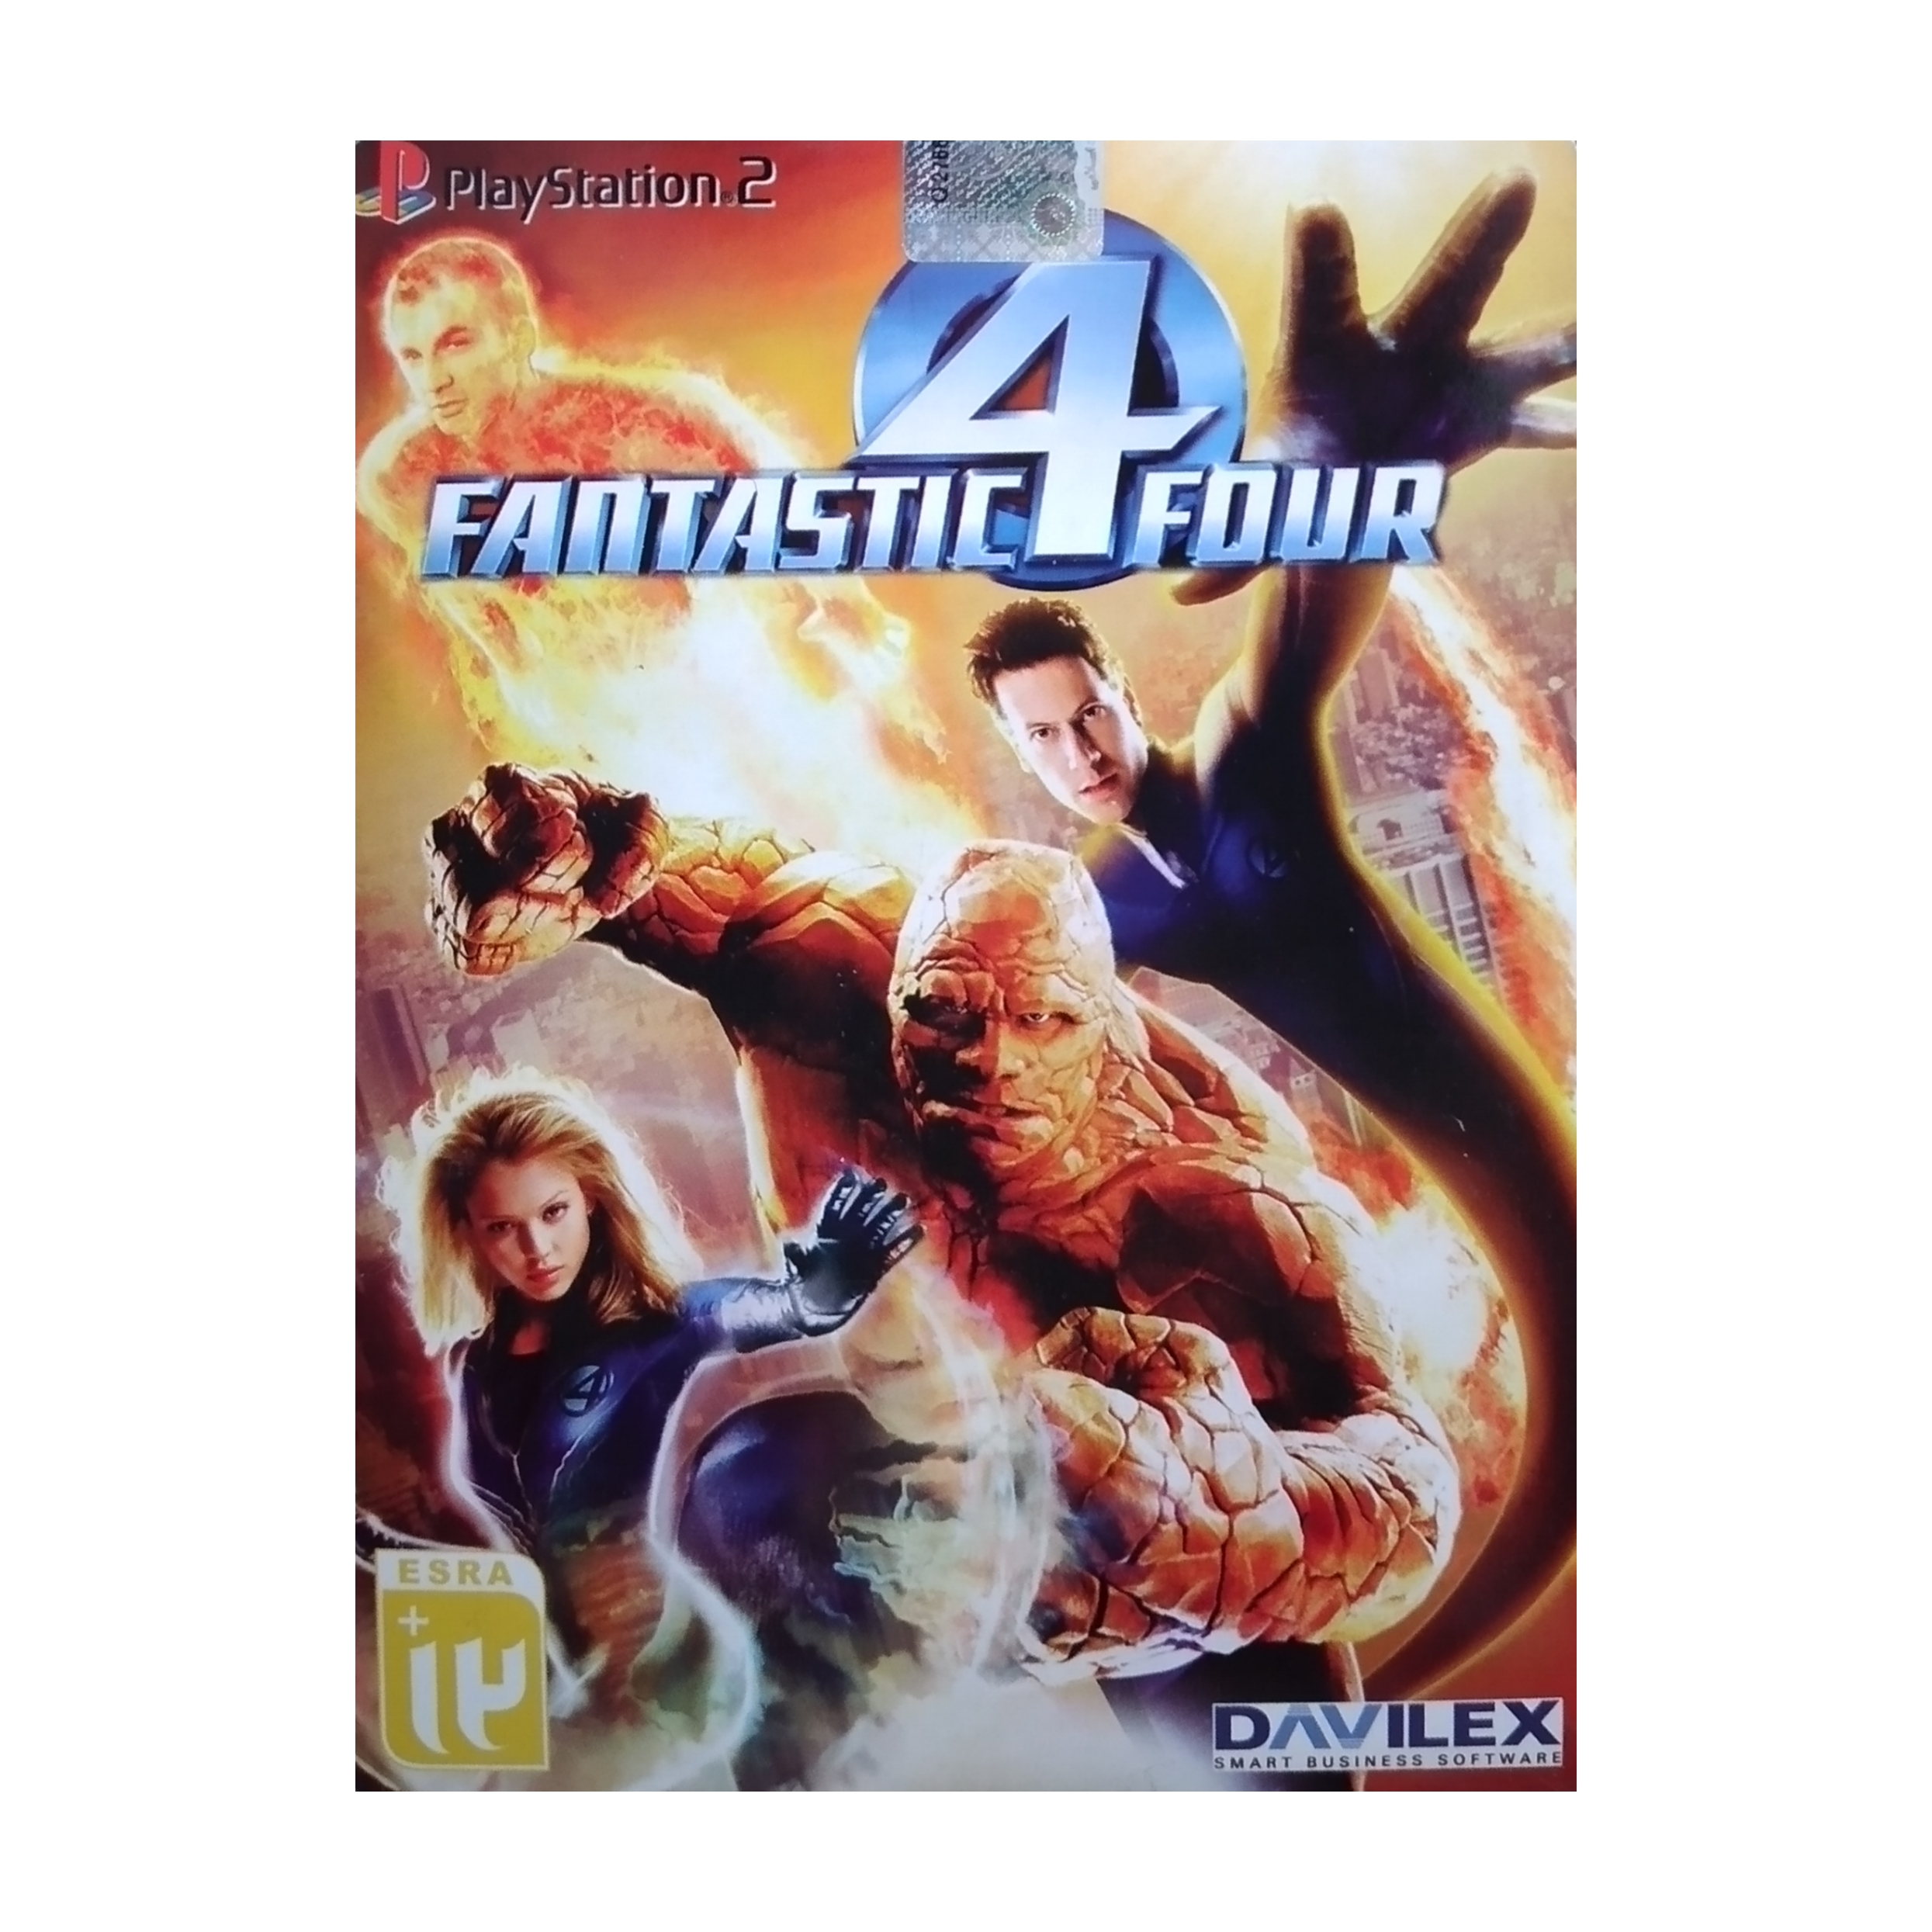 بازی FANTASTIC FOUR مخصوص PS2 نشر لوح زرین